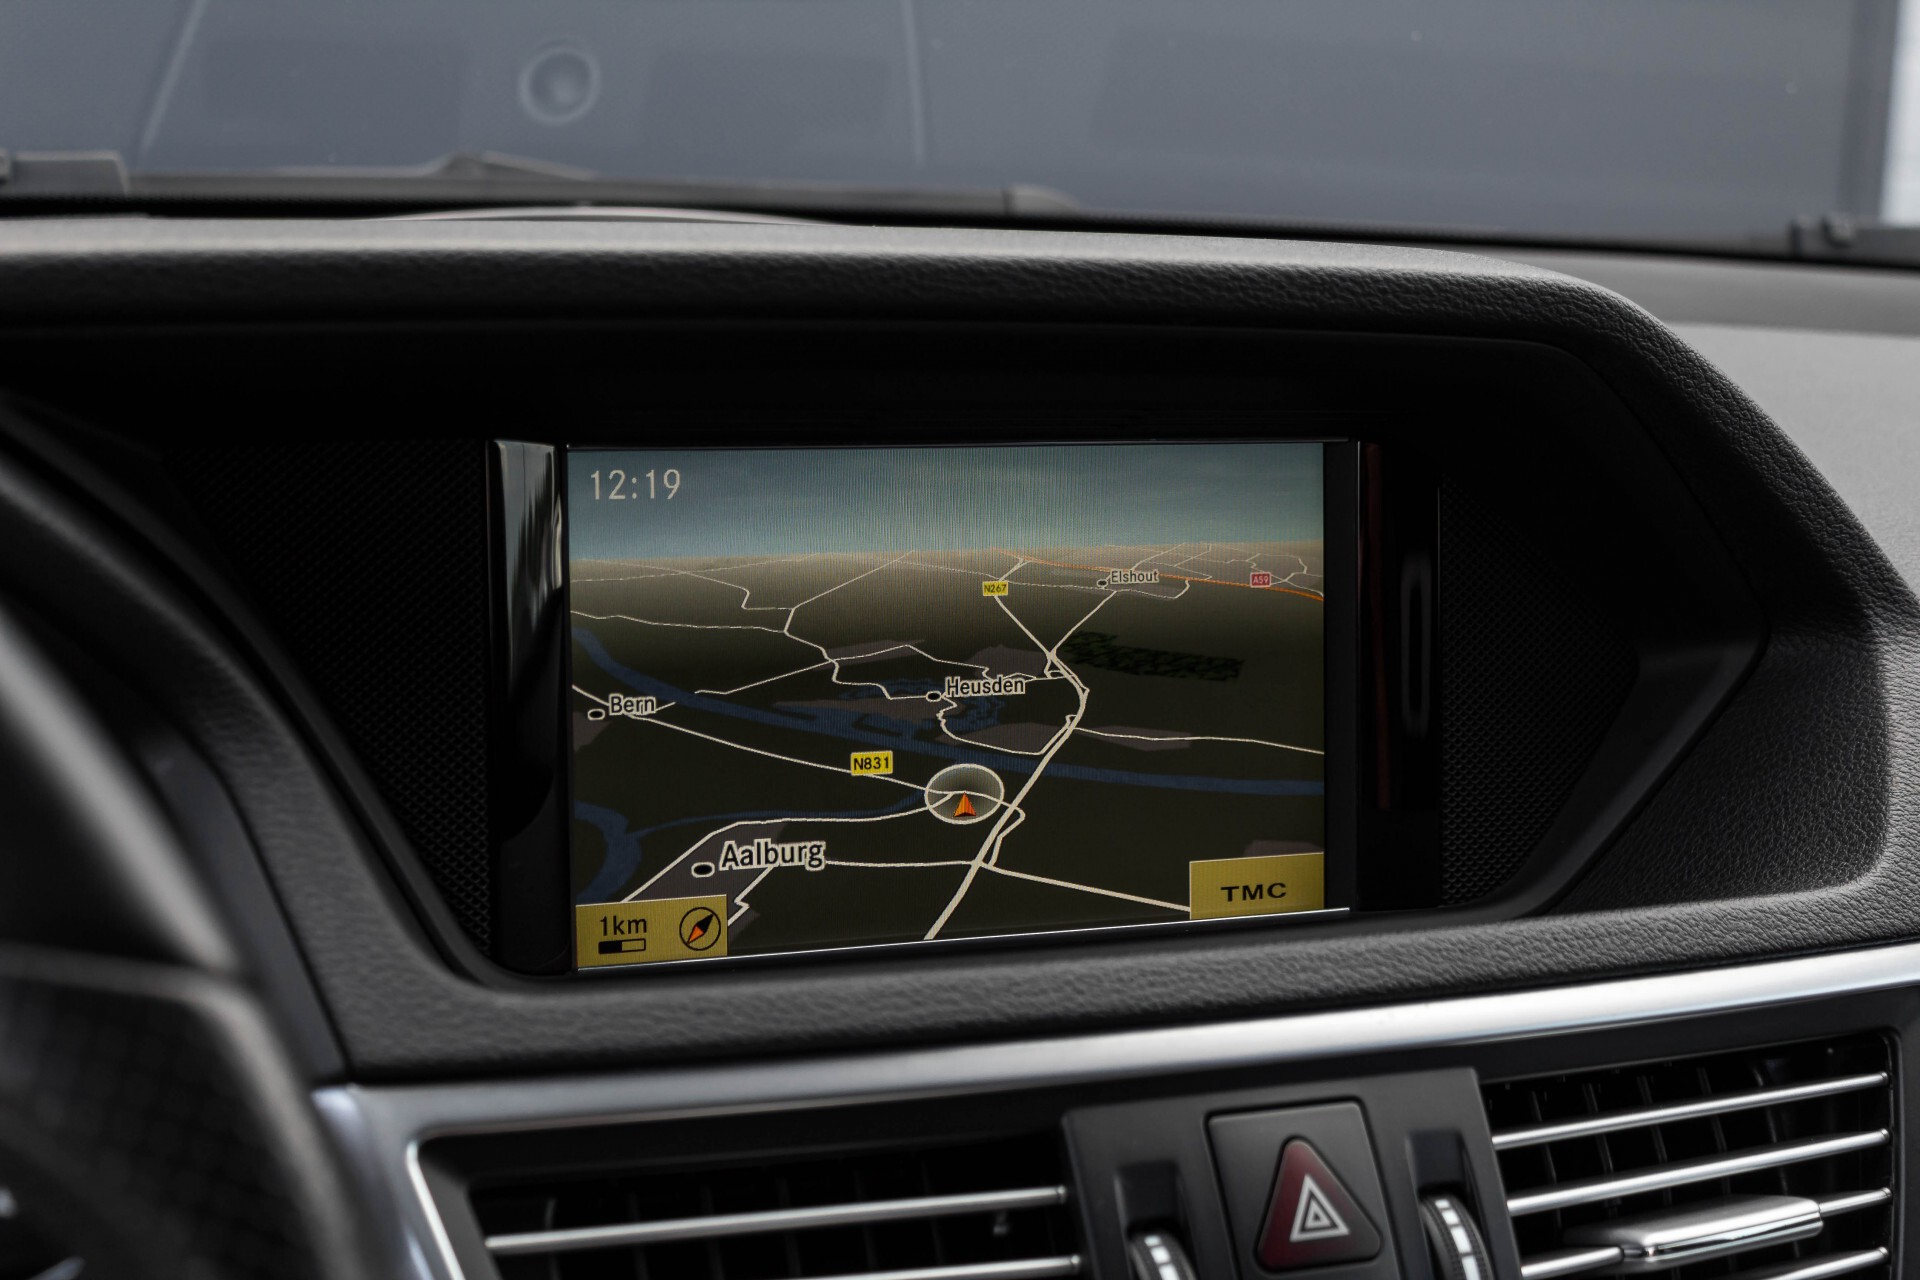 Mercedes-Benz E-Klasse Estate 350 Cdi AMG Luchtvering/Schuifdak/Comand/Harman Kardon/ILS Aut7 Foto 21